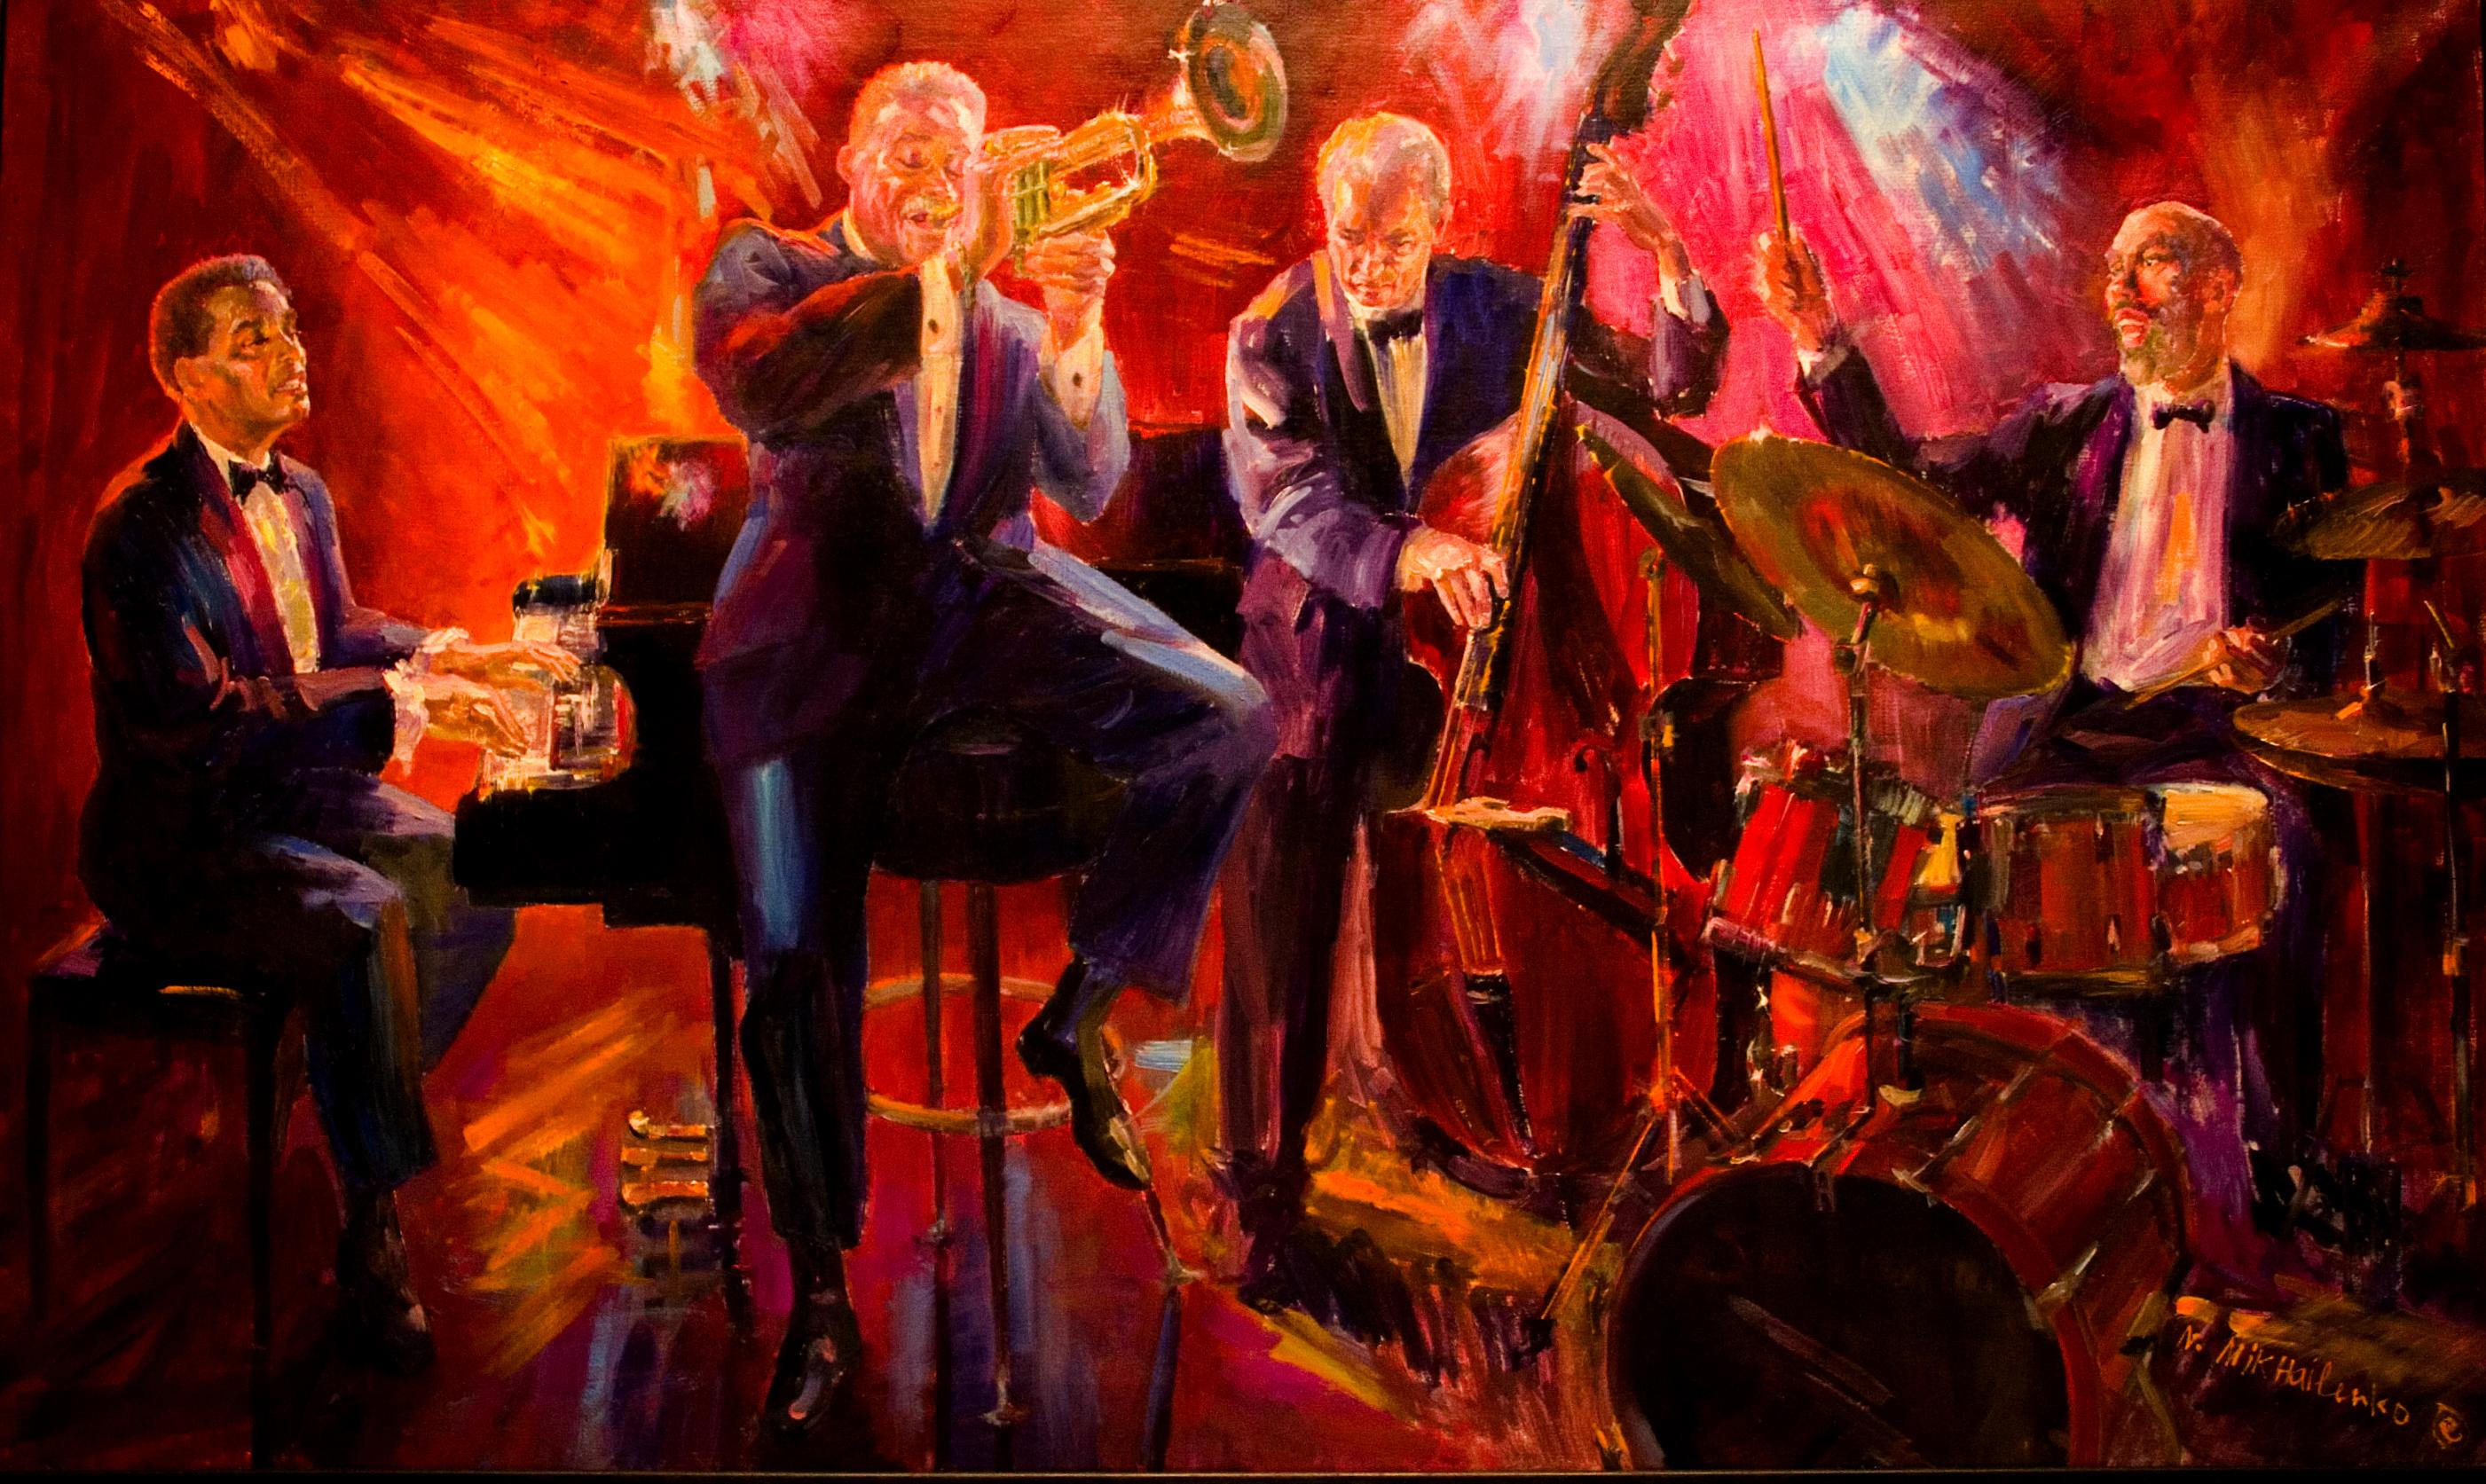 Llenate el alma de Jazz con el 5° capítulo de NBTBN - Radio Cantilo